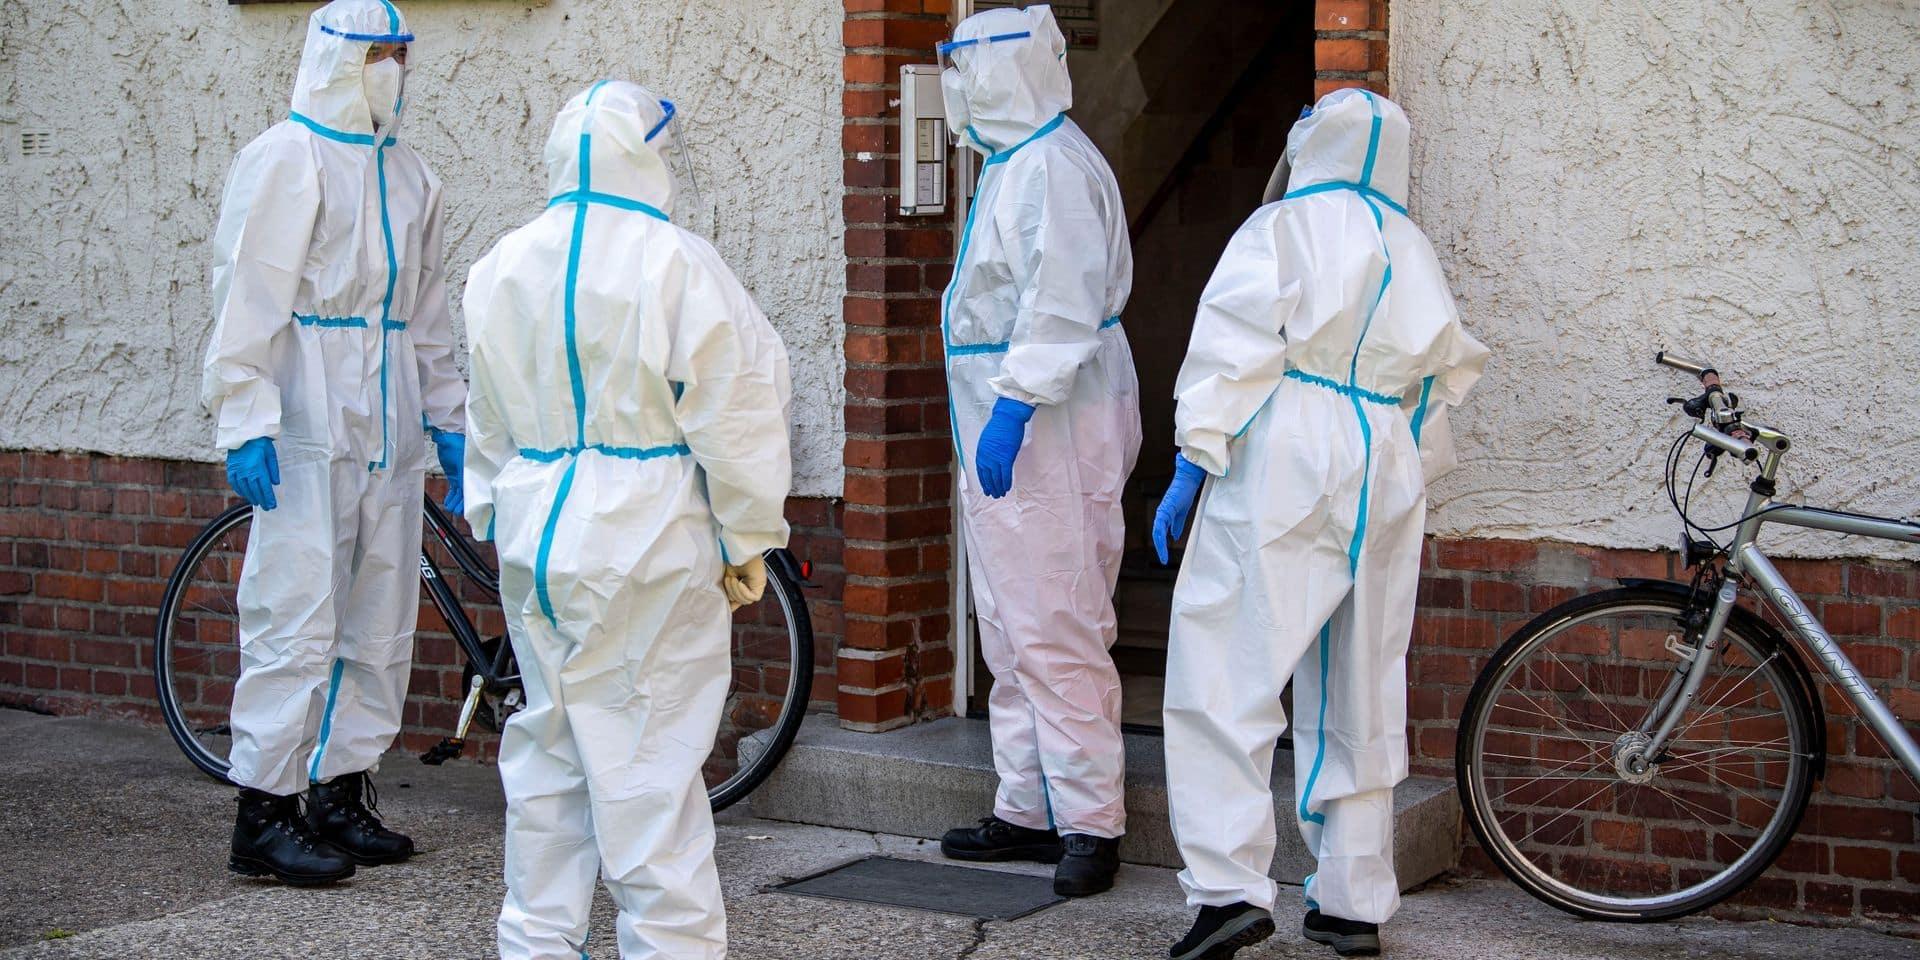 Coronavirus: aucun décès aux Pays-Bas pour la première fois depuis mars, 537 nouveaux cas en Allemagne